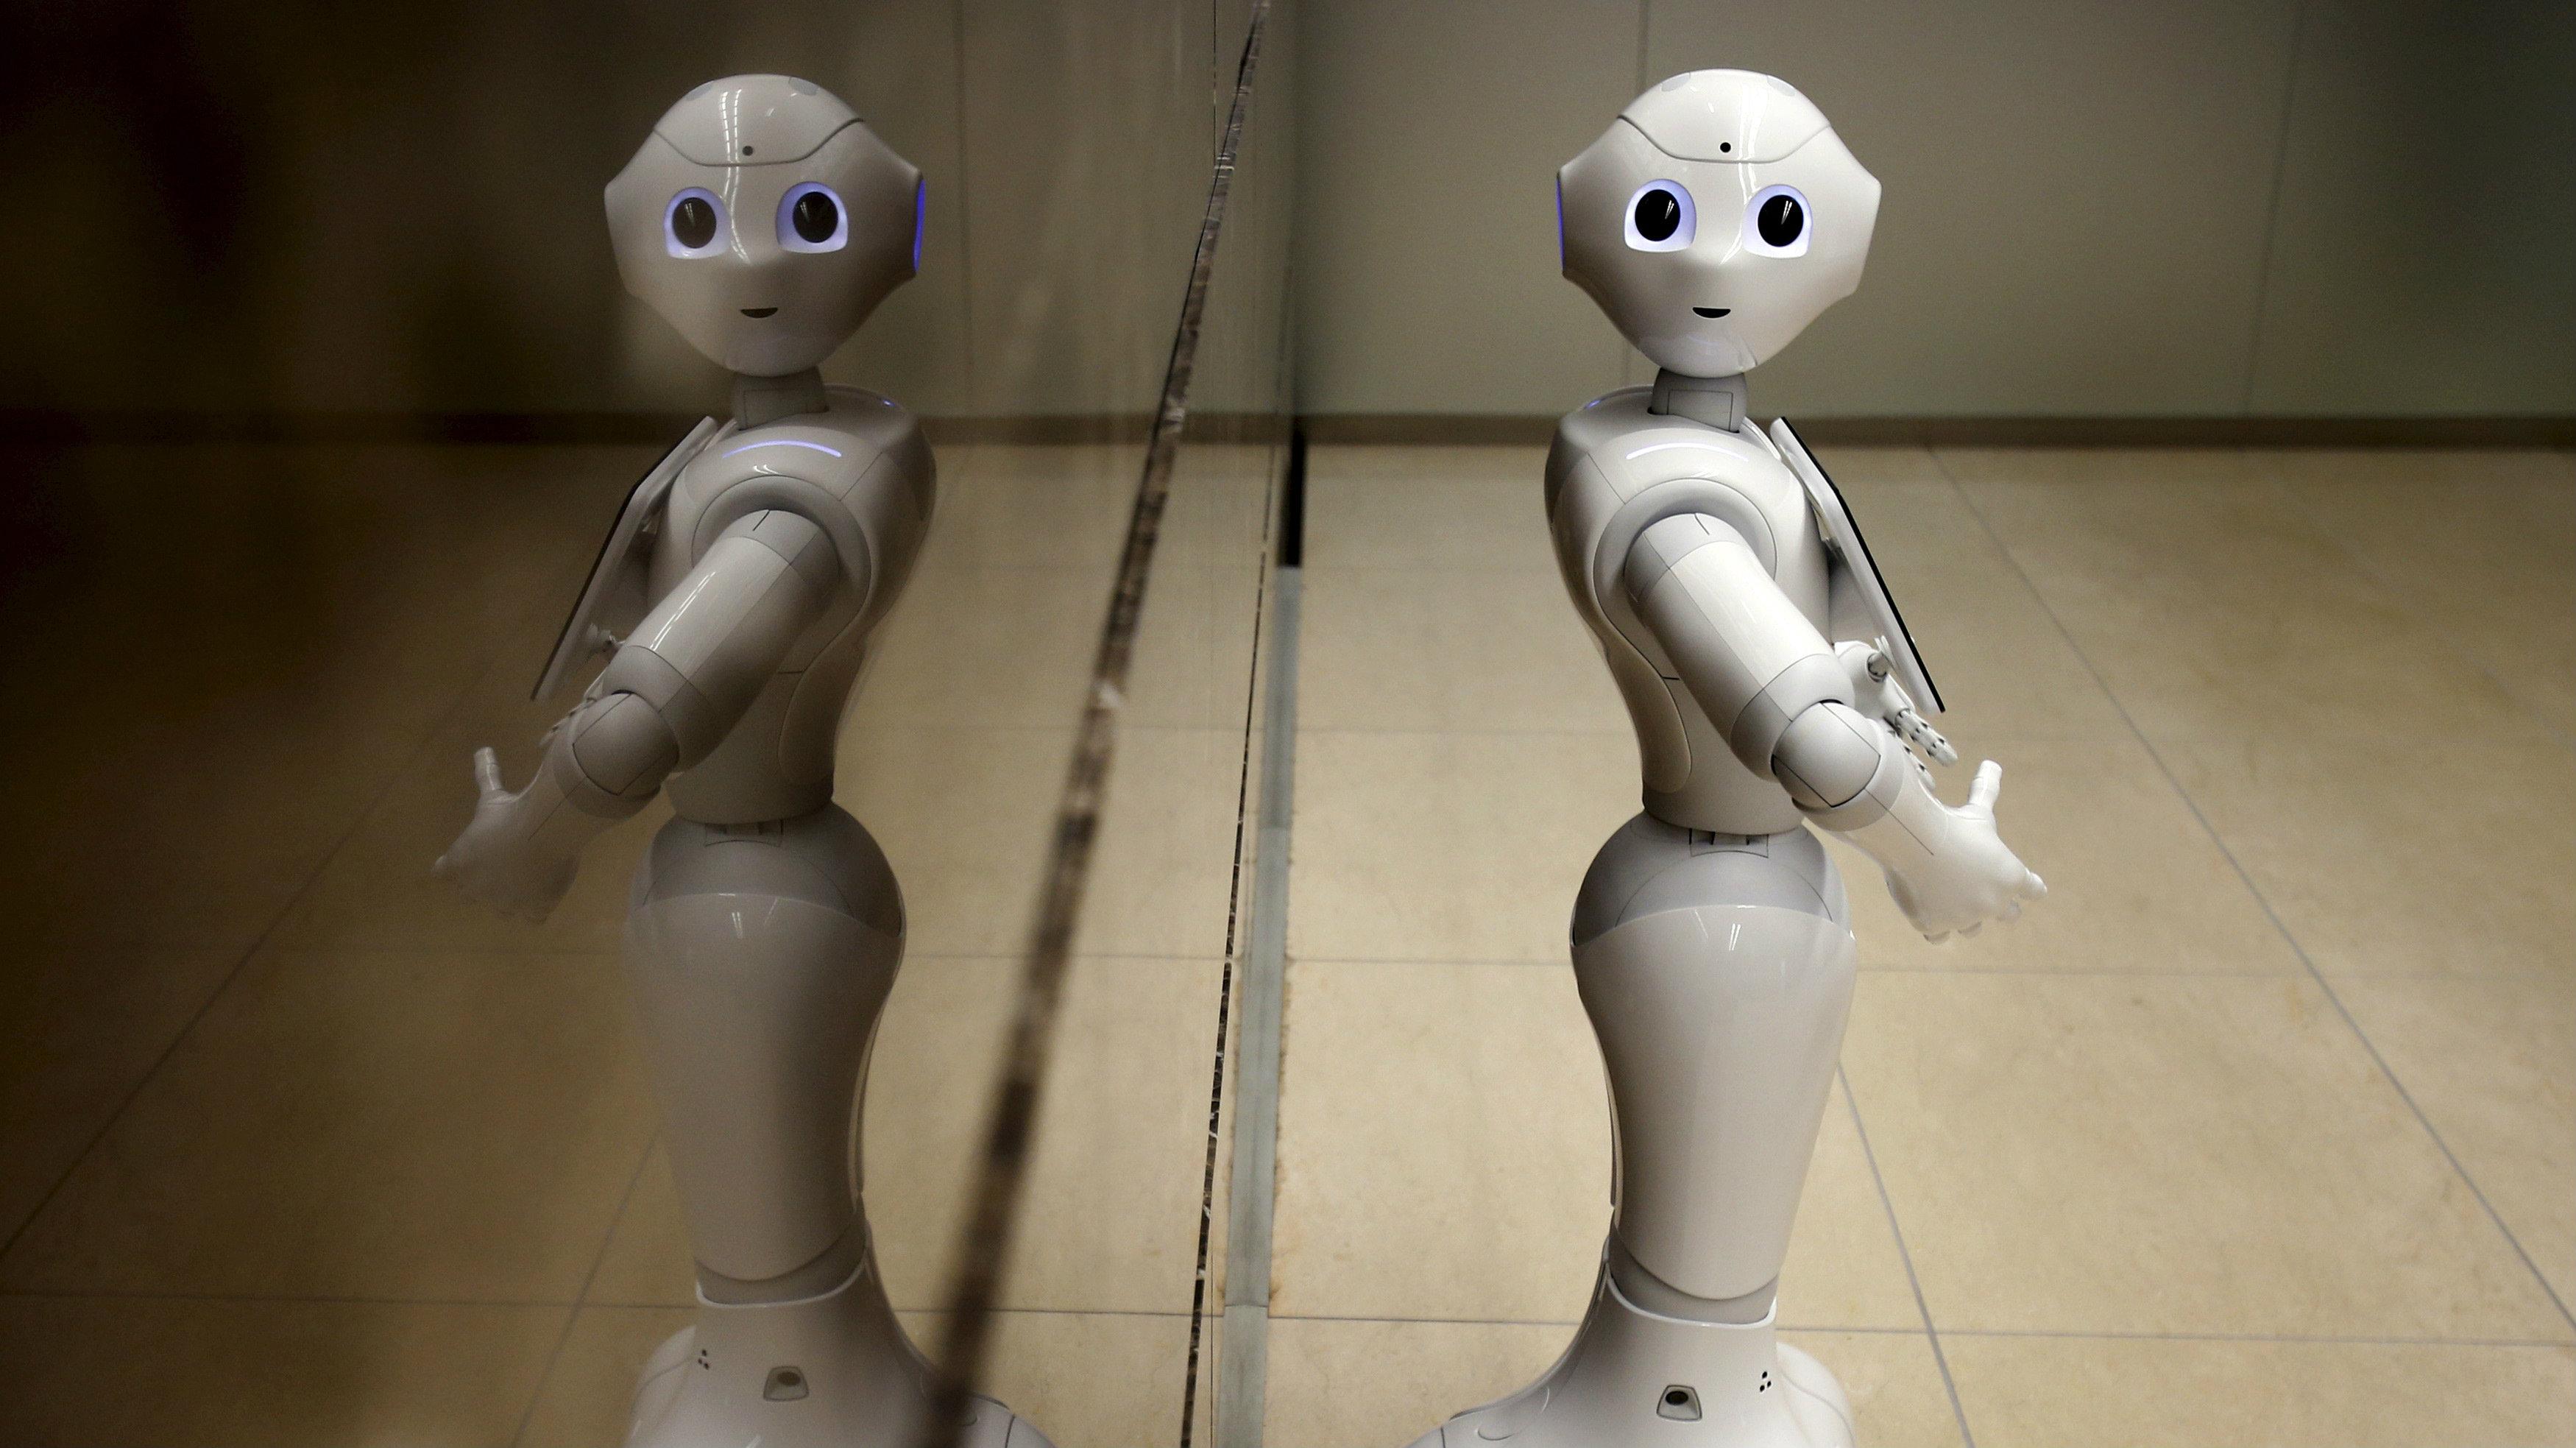 Robot orgasm machines for women